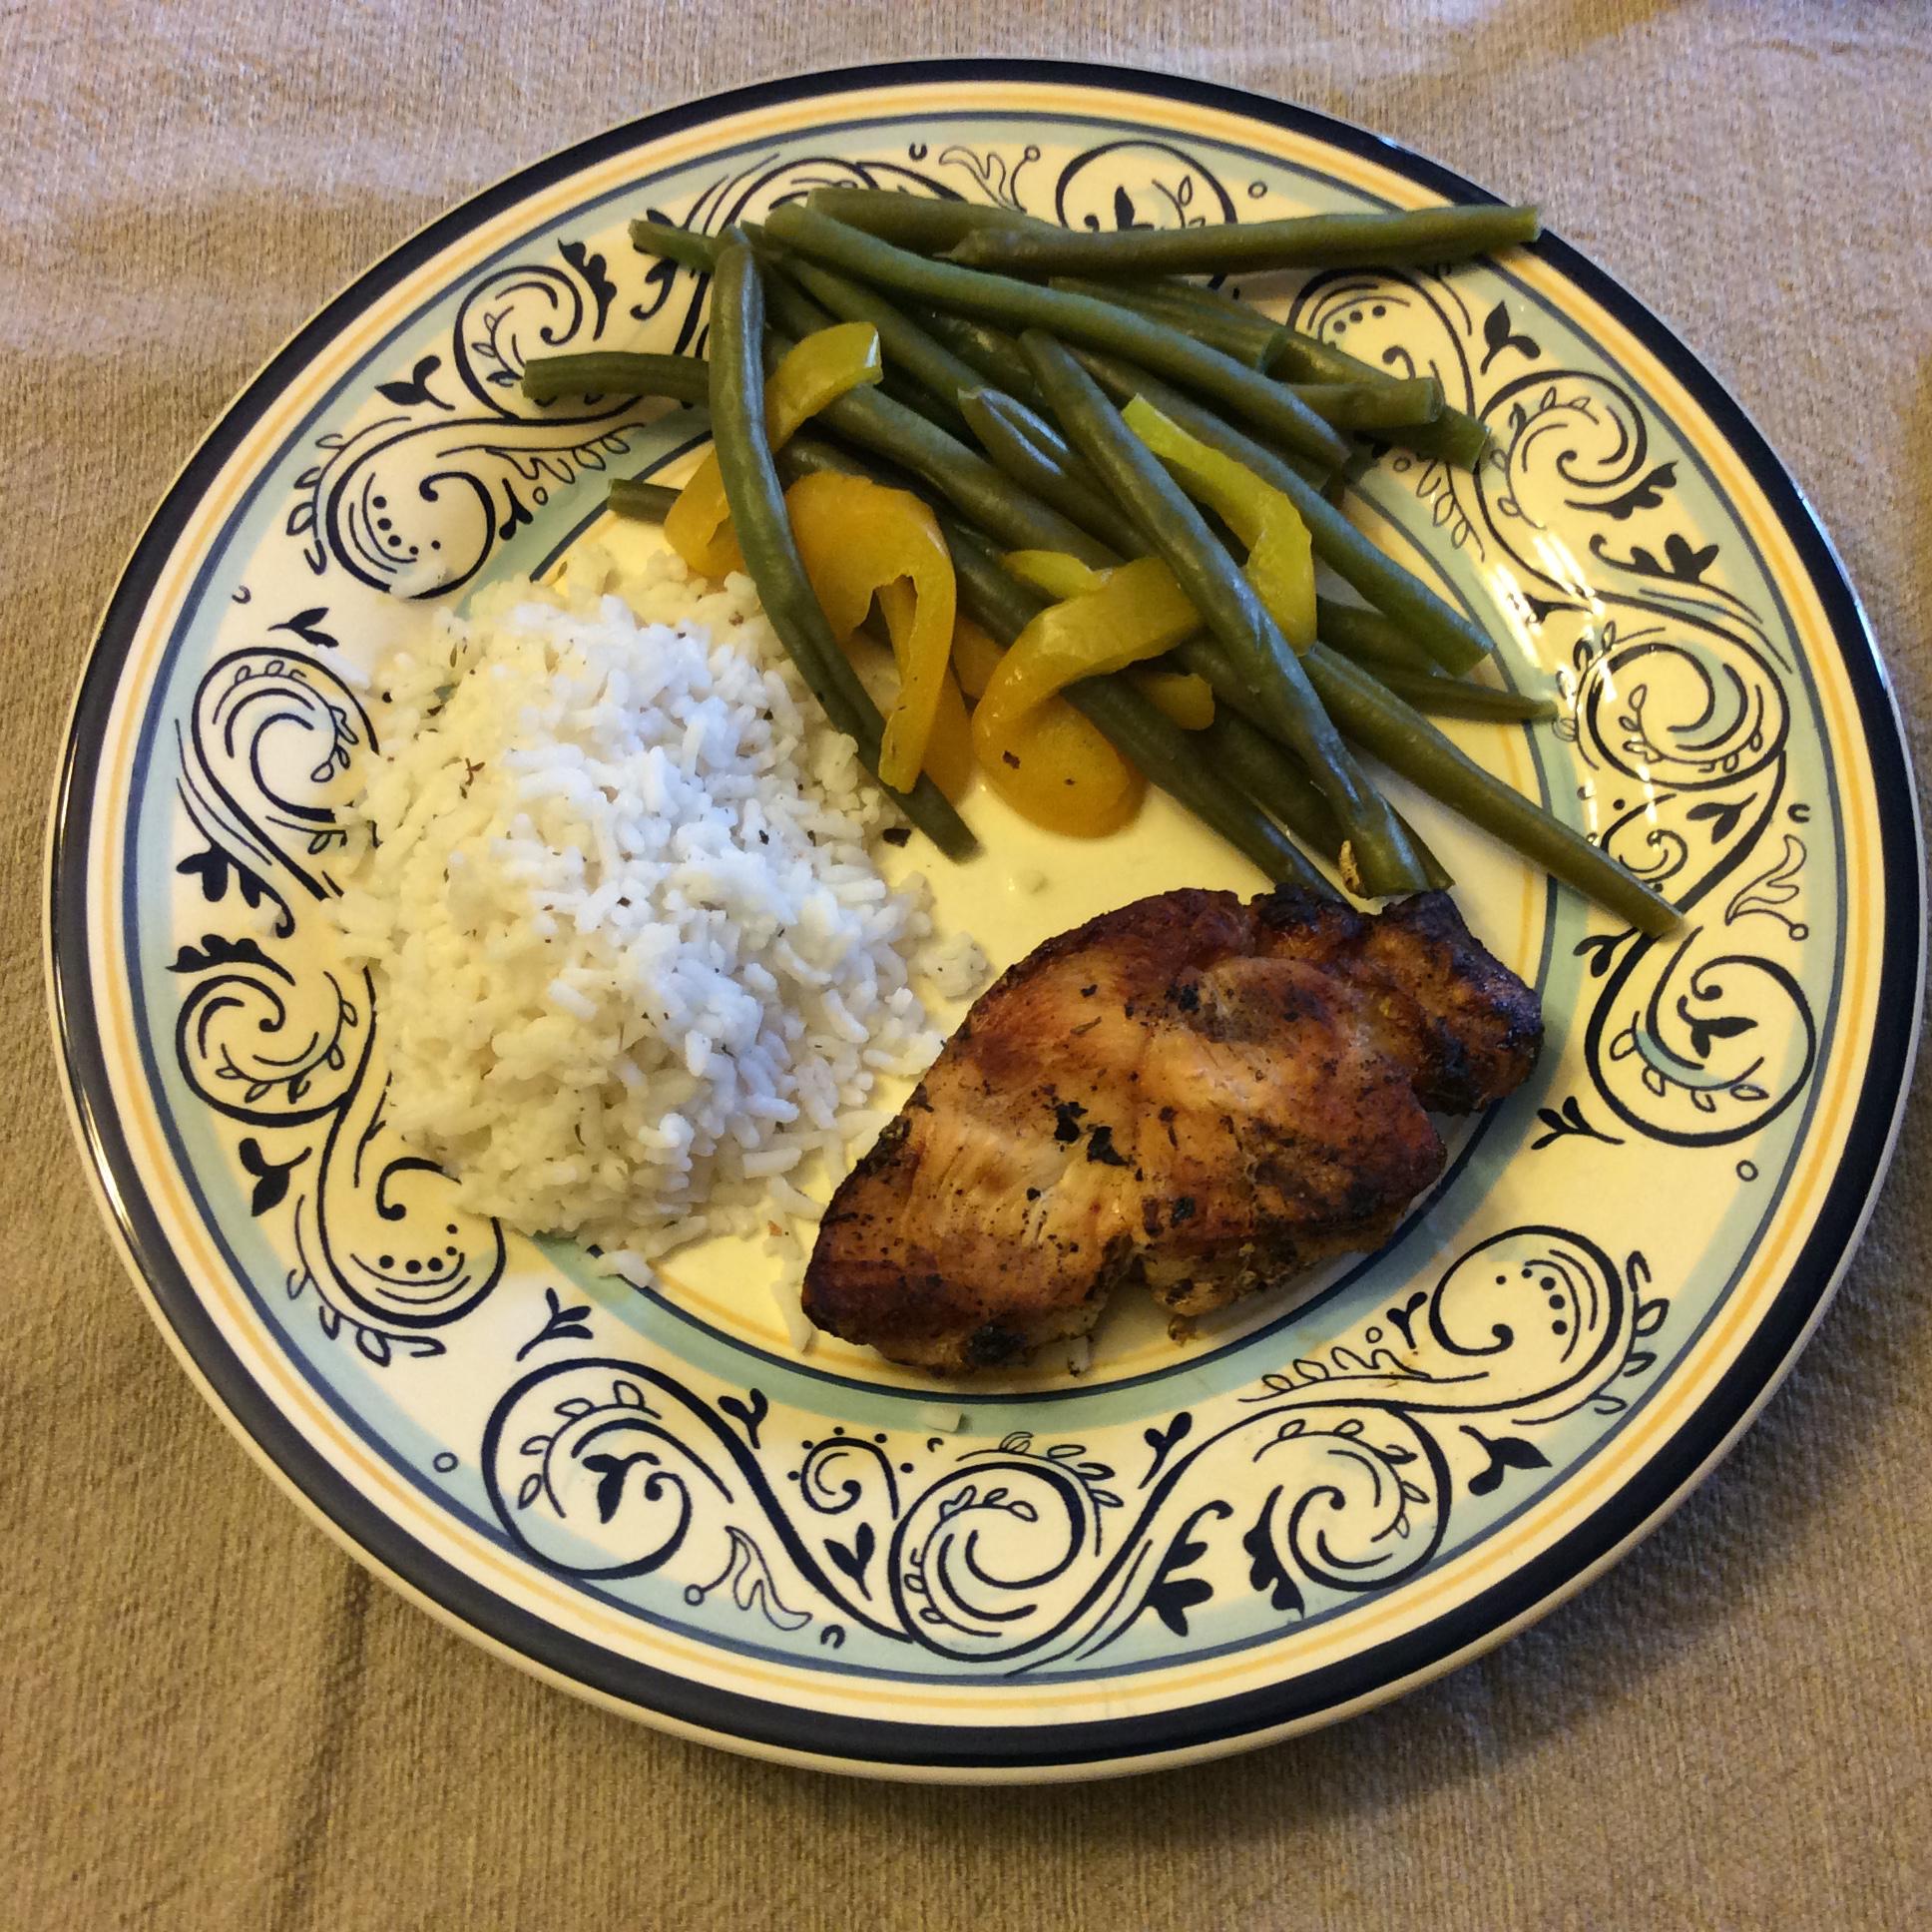 Lemon Herb Grilled Chicken Jeff Zortman